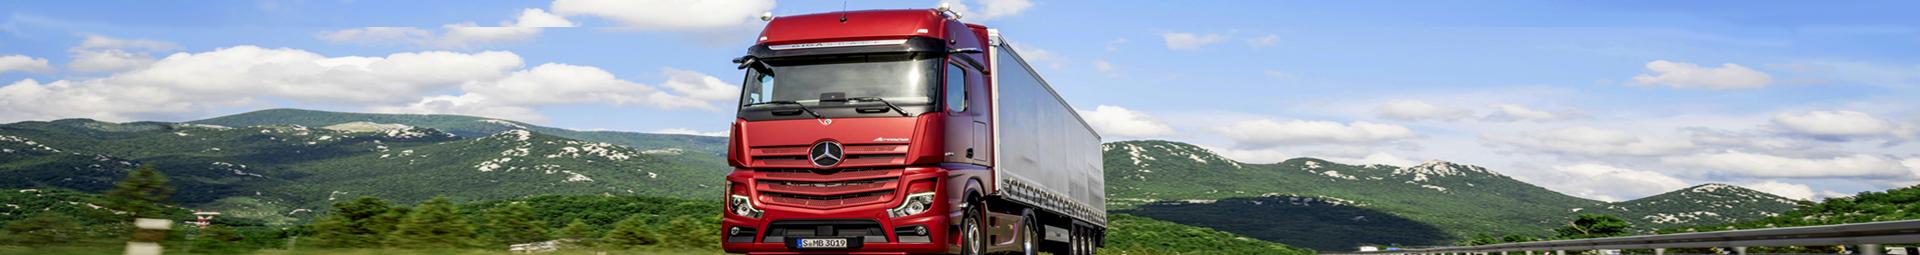 Метка: Ремонт грузовых автомобилей Ford